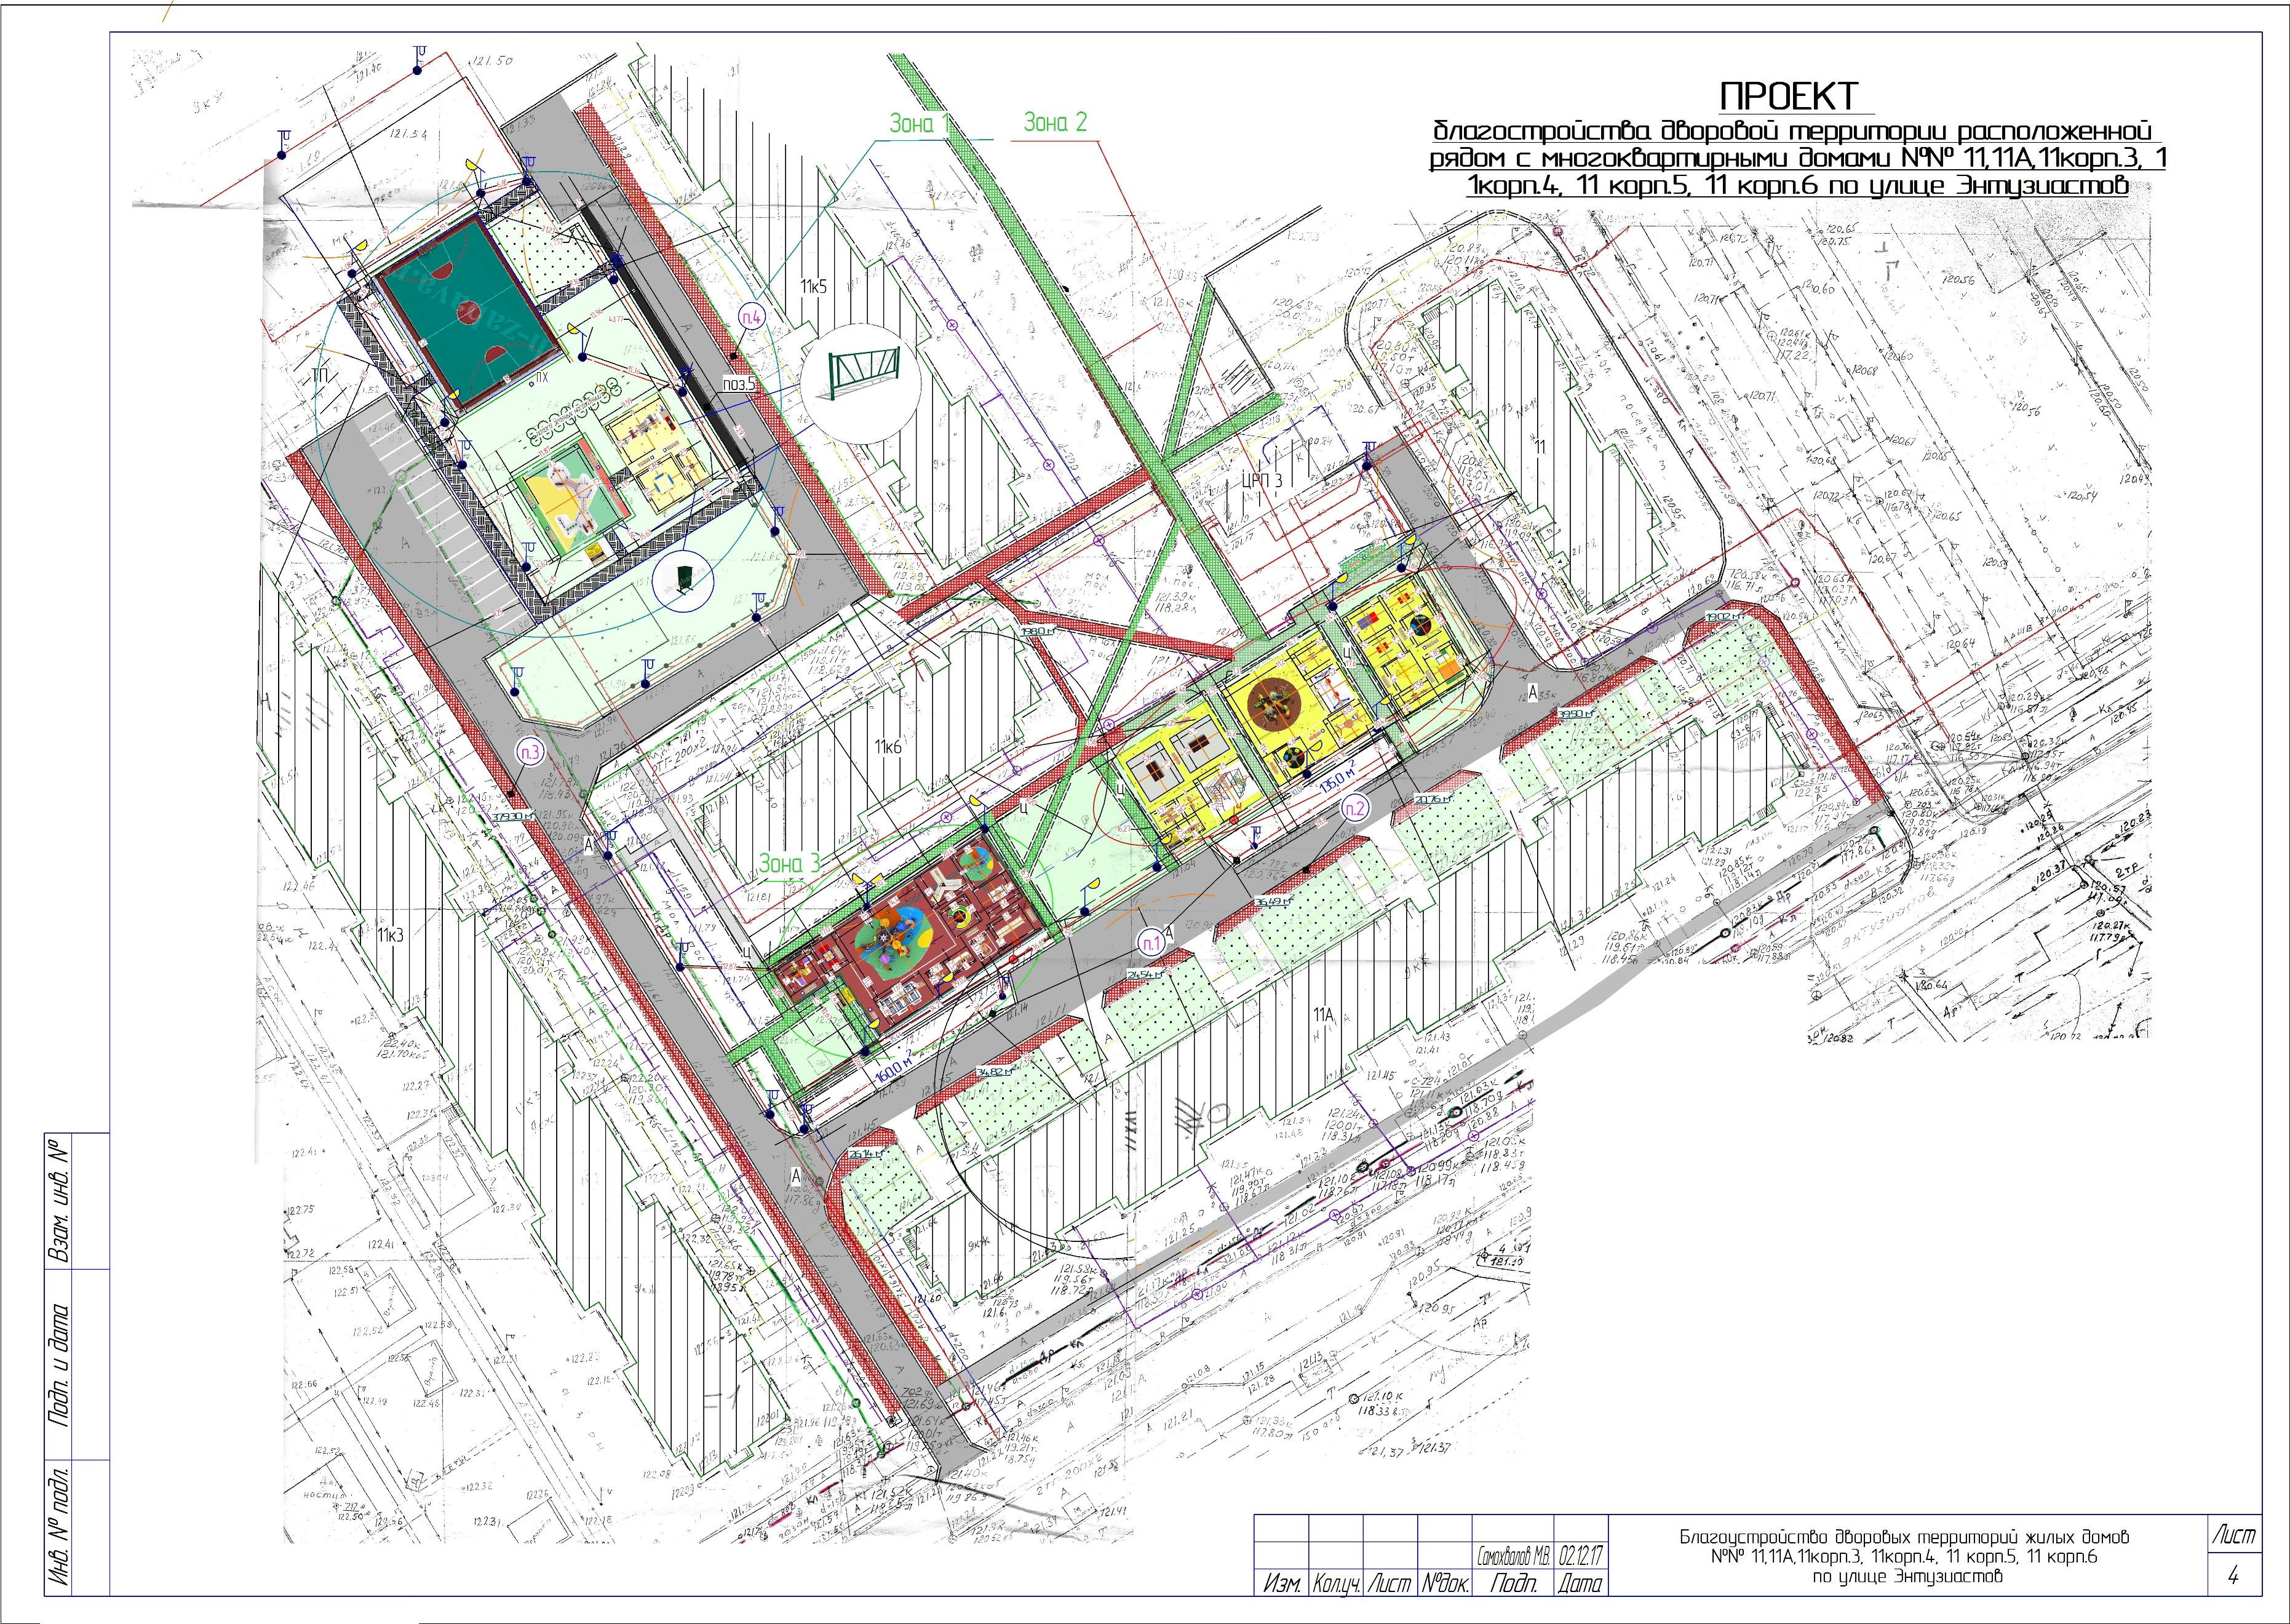 Дизайн проект по благоустройству дворовой территории